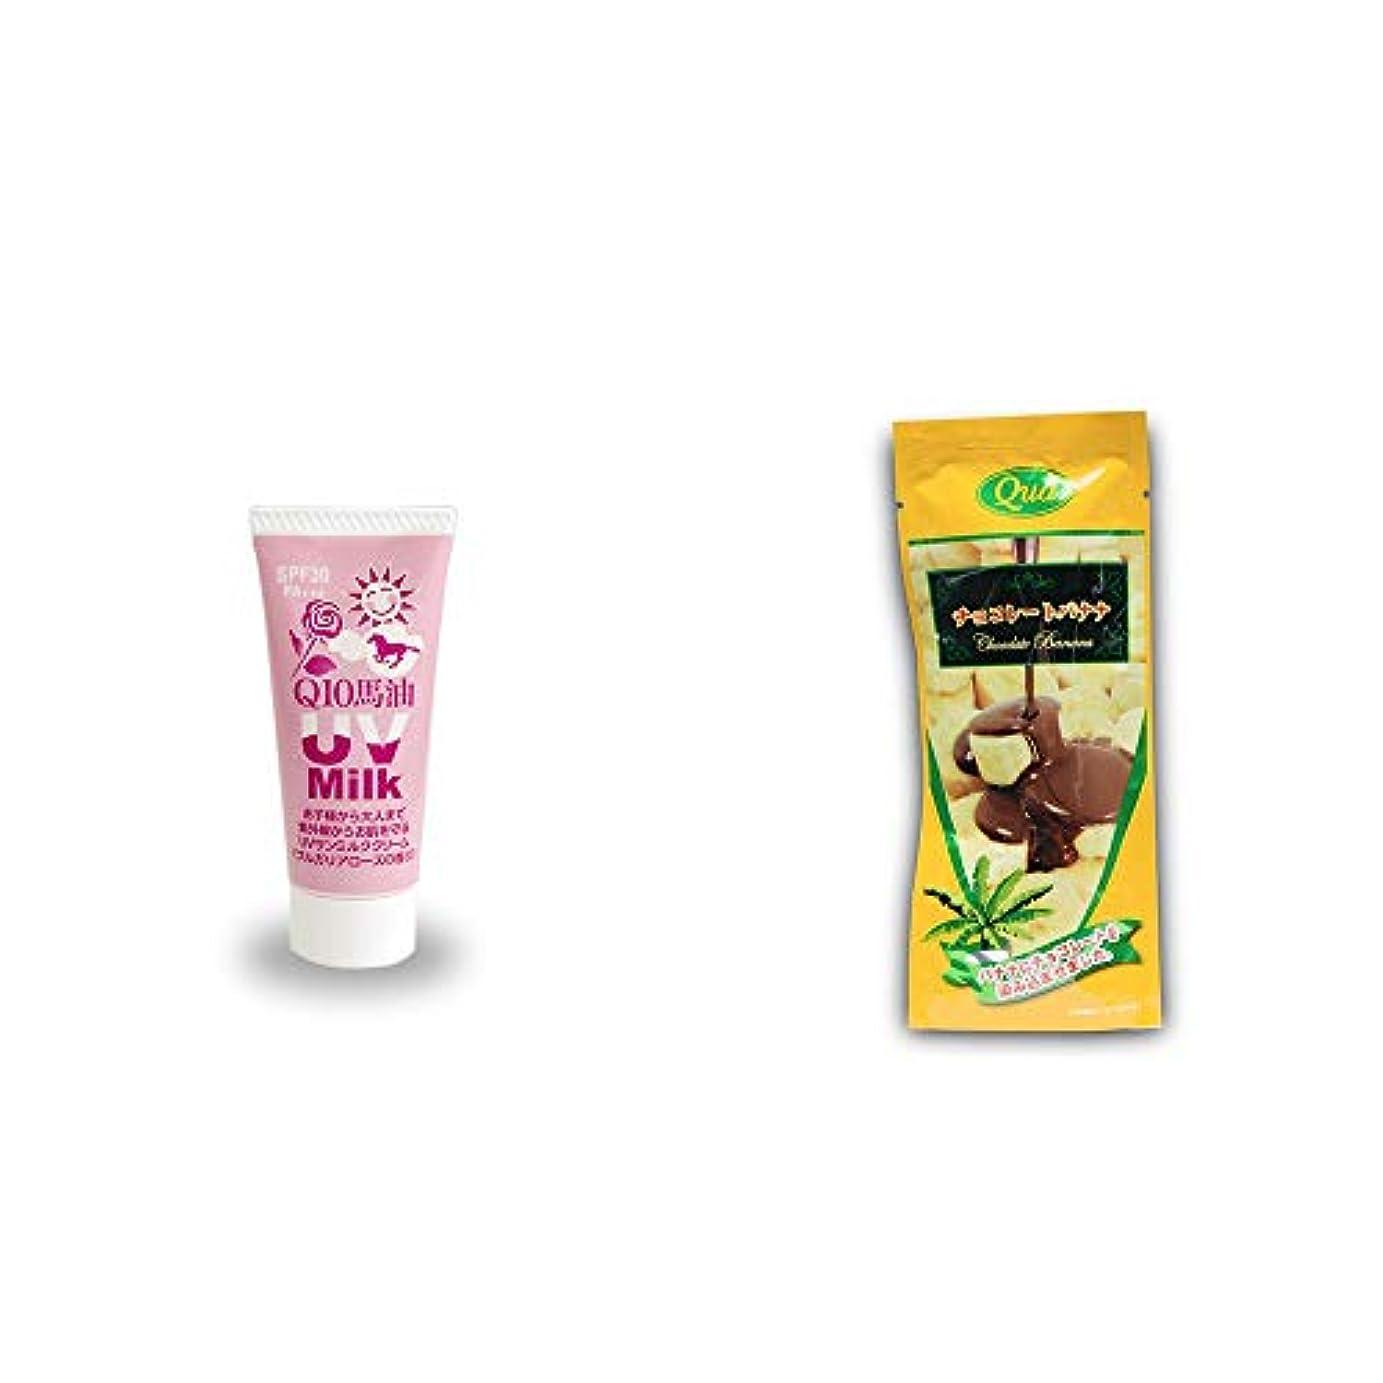 放棄された表面ヒューバートハドソン[2点セット] 炭黒泉 Q10馬油 UVサンミルク[ブルガリアローズ](40g)?フリーズドライ チョコレートバナナ(50g)